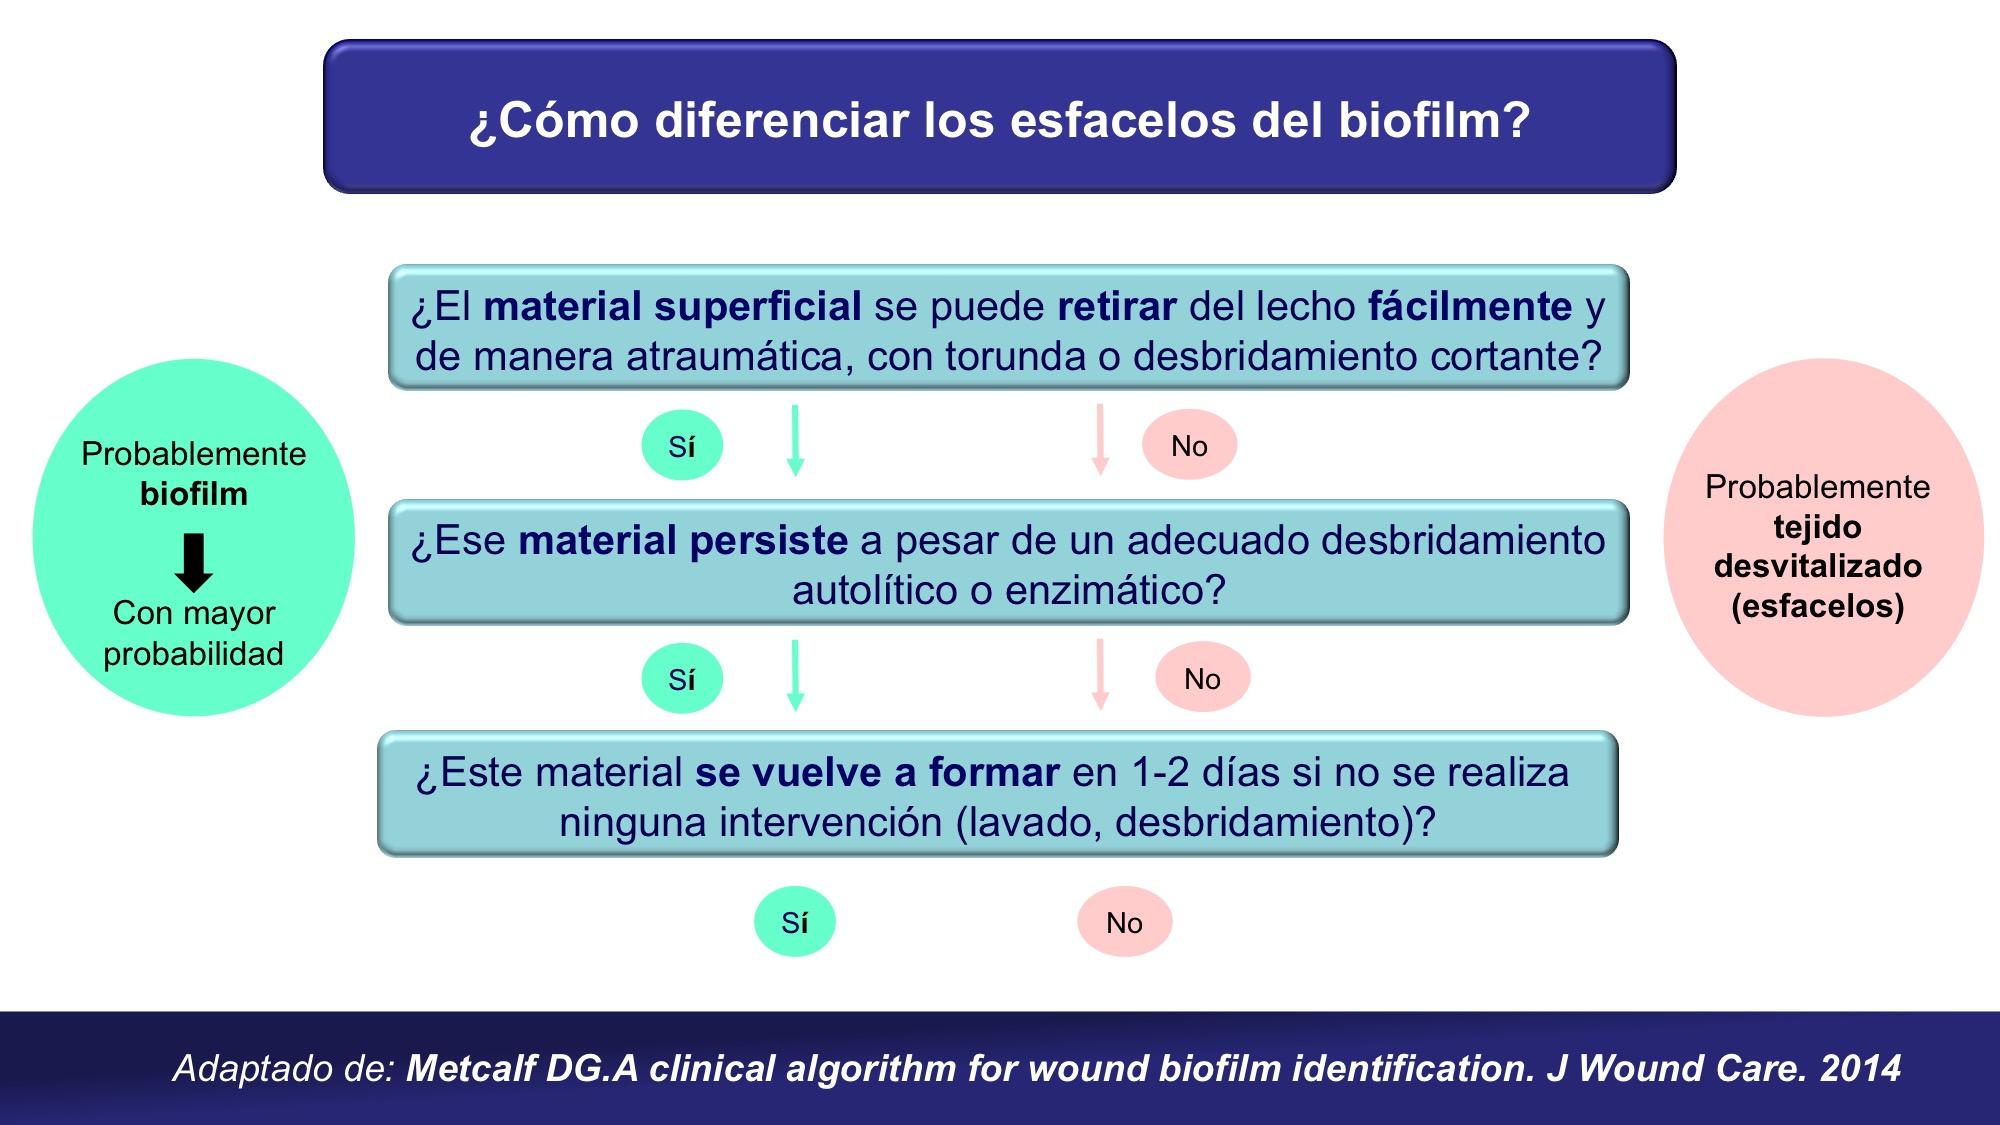 diferencias esfacelos-biofilm